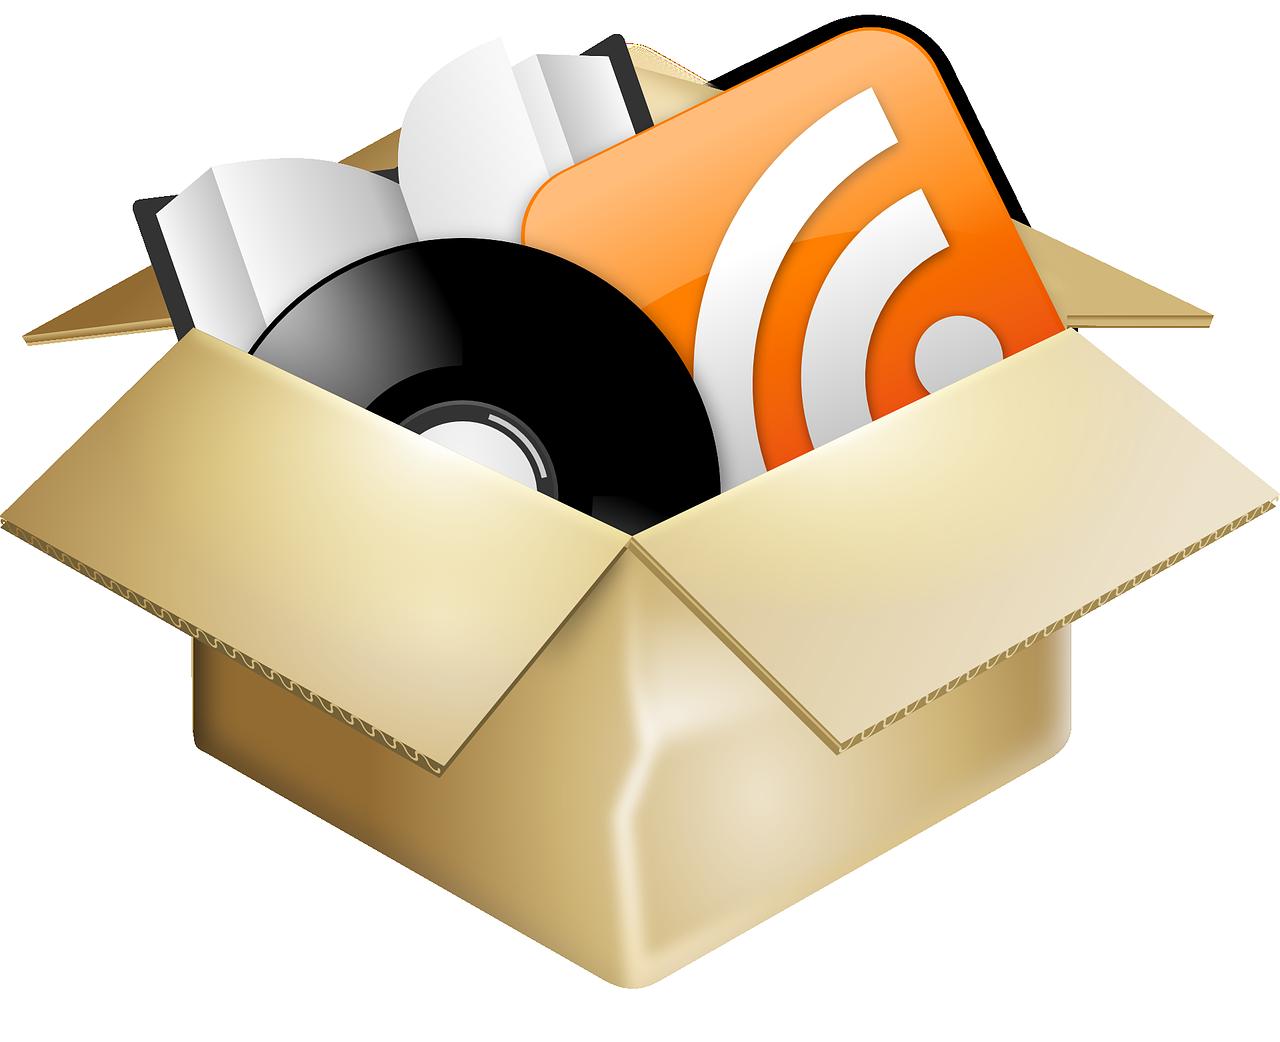 【常時SSL対応】2chまとめブログでおすすめの相互RSSサービスまとめ